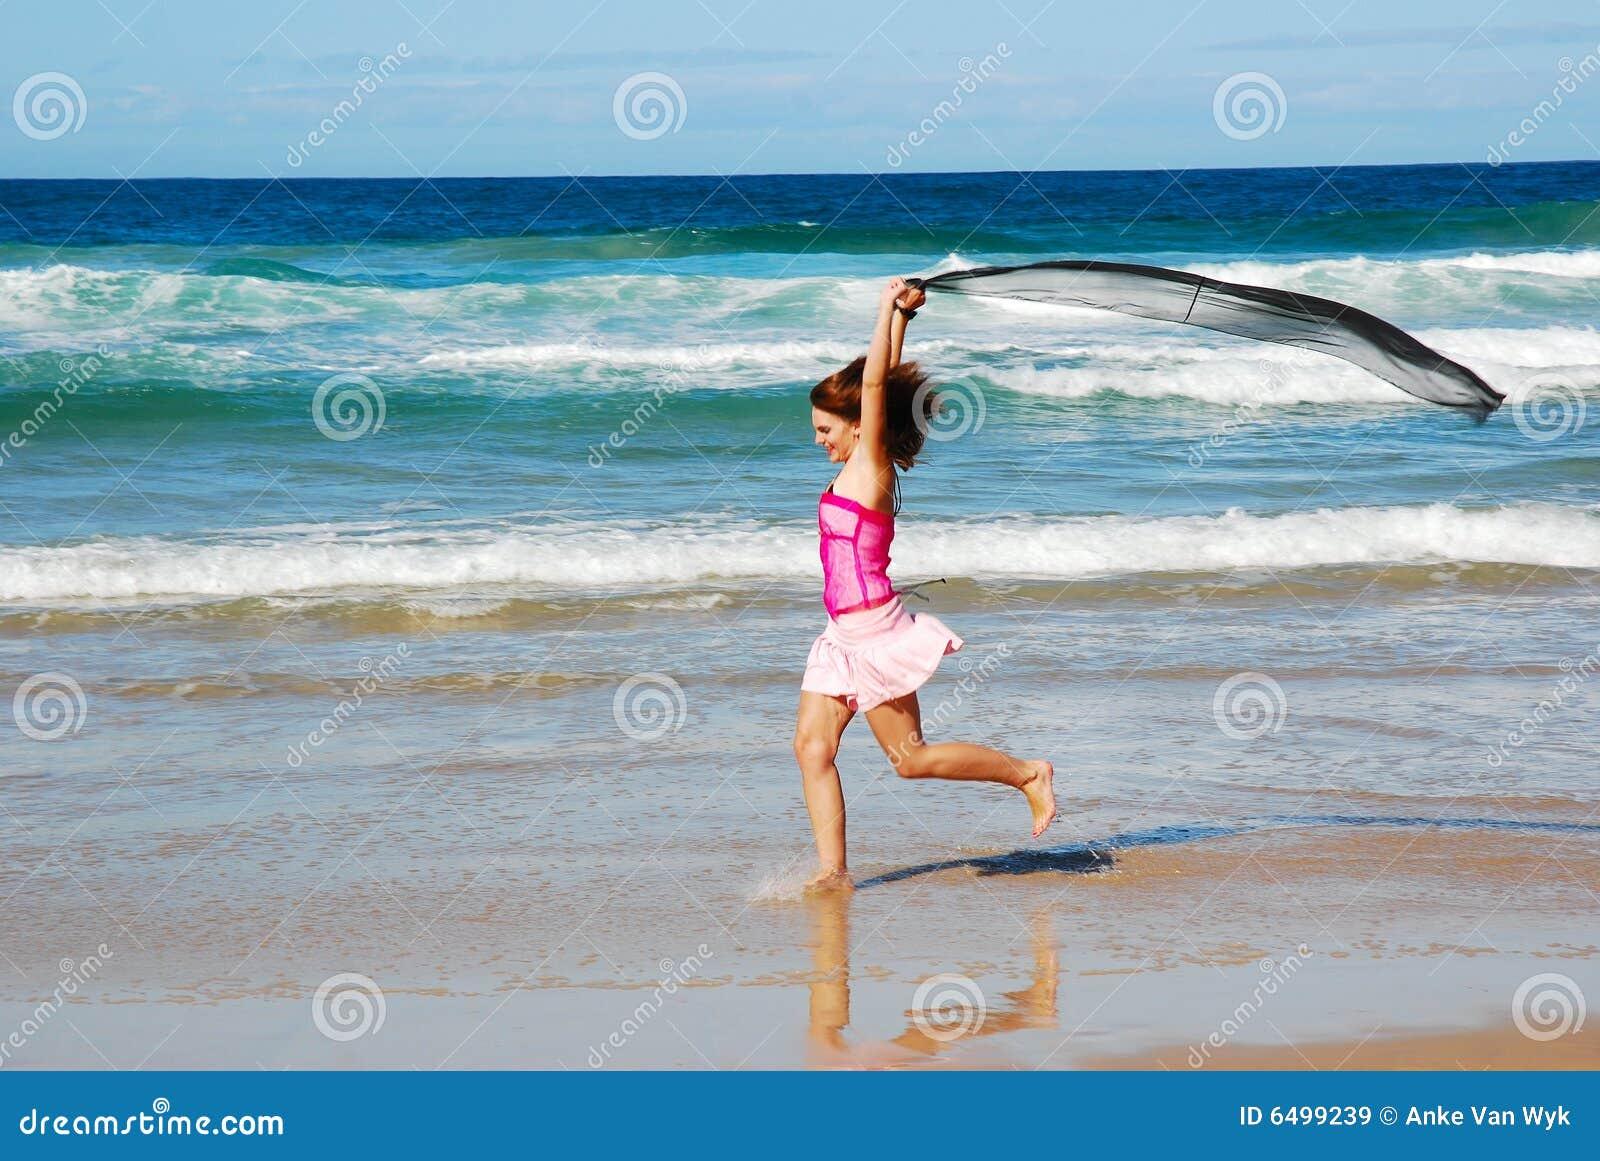 Happy beach fun girl